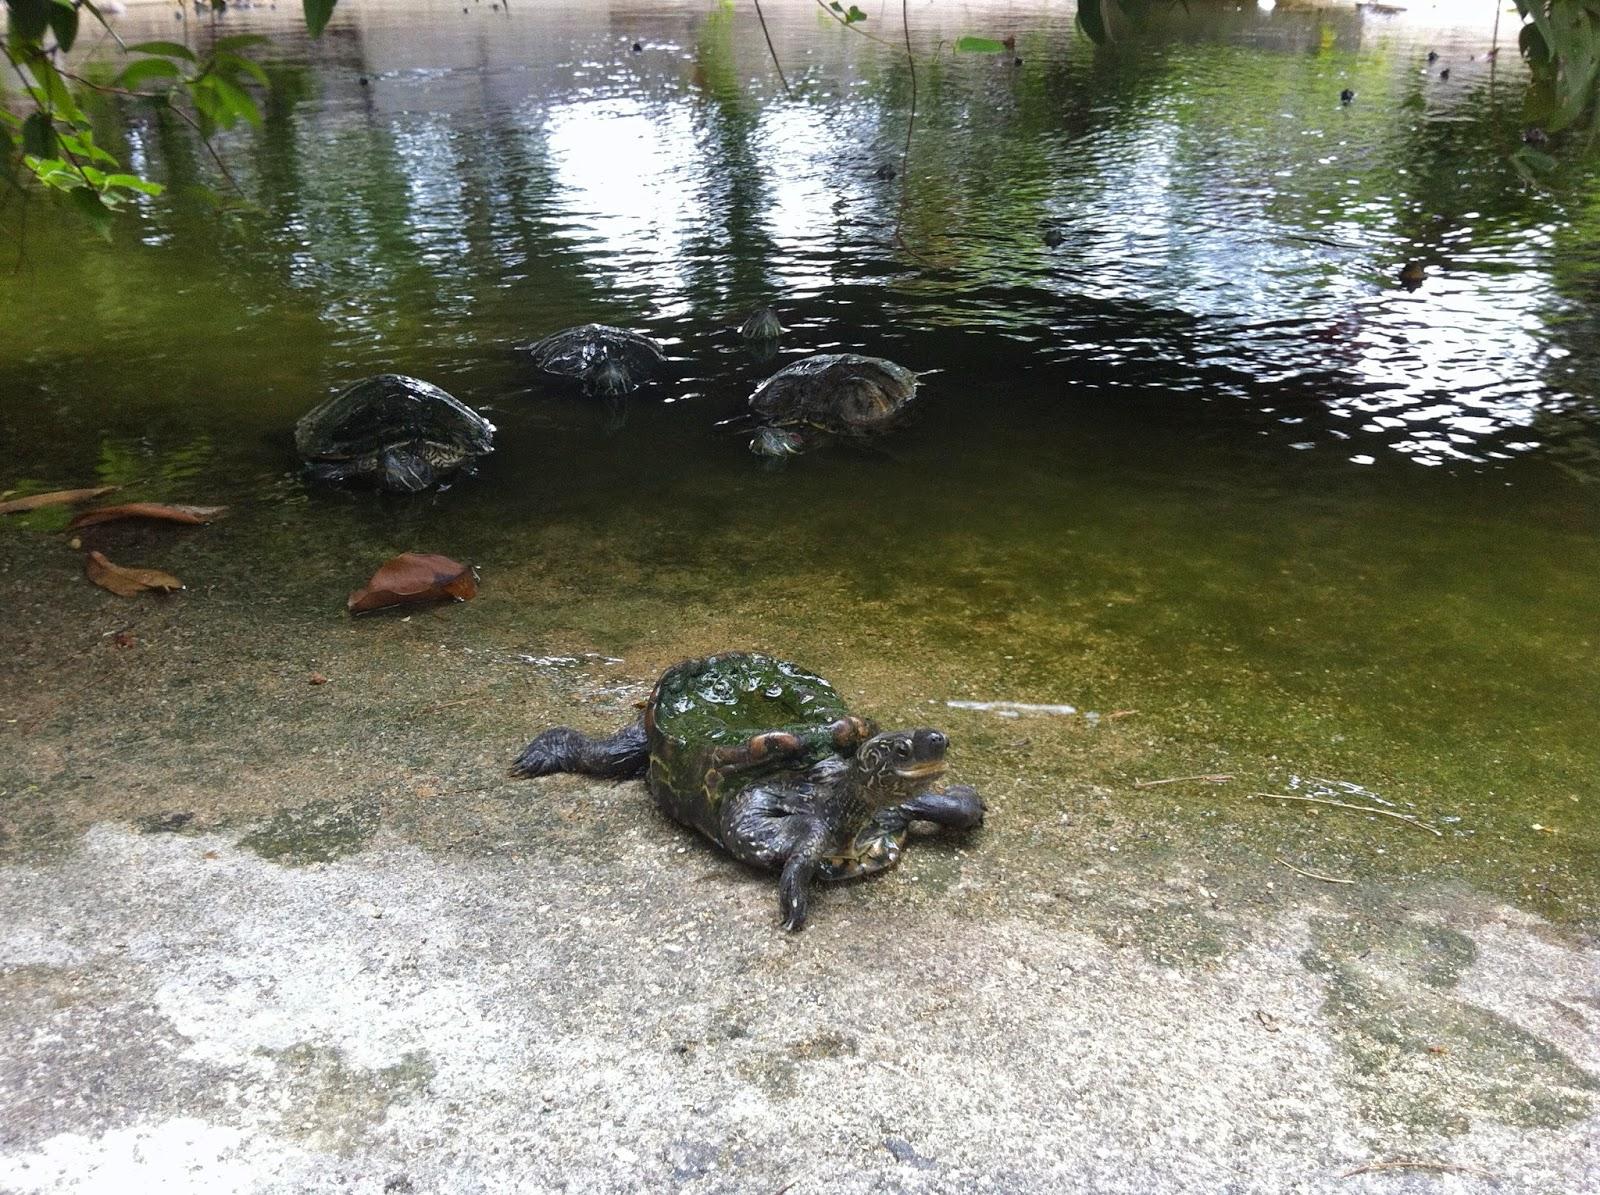 Kusu island tortoise shelter